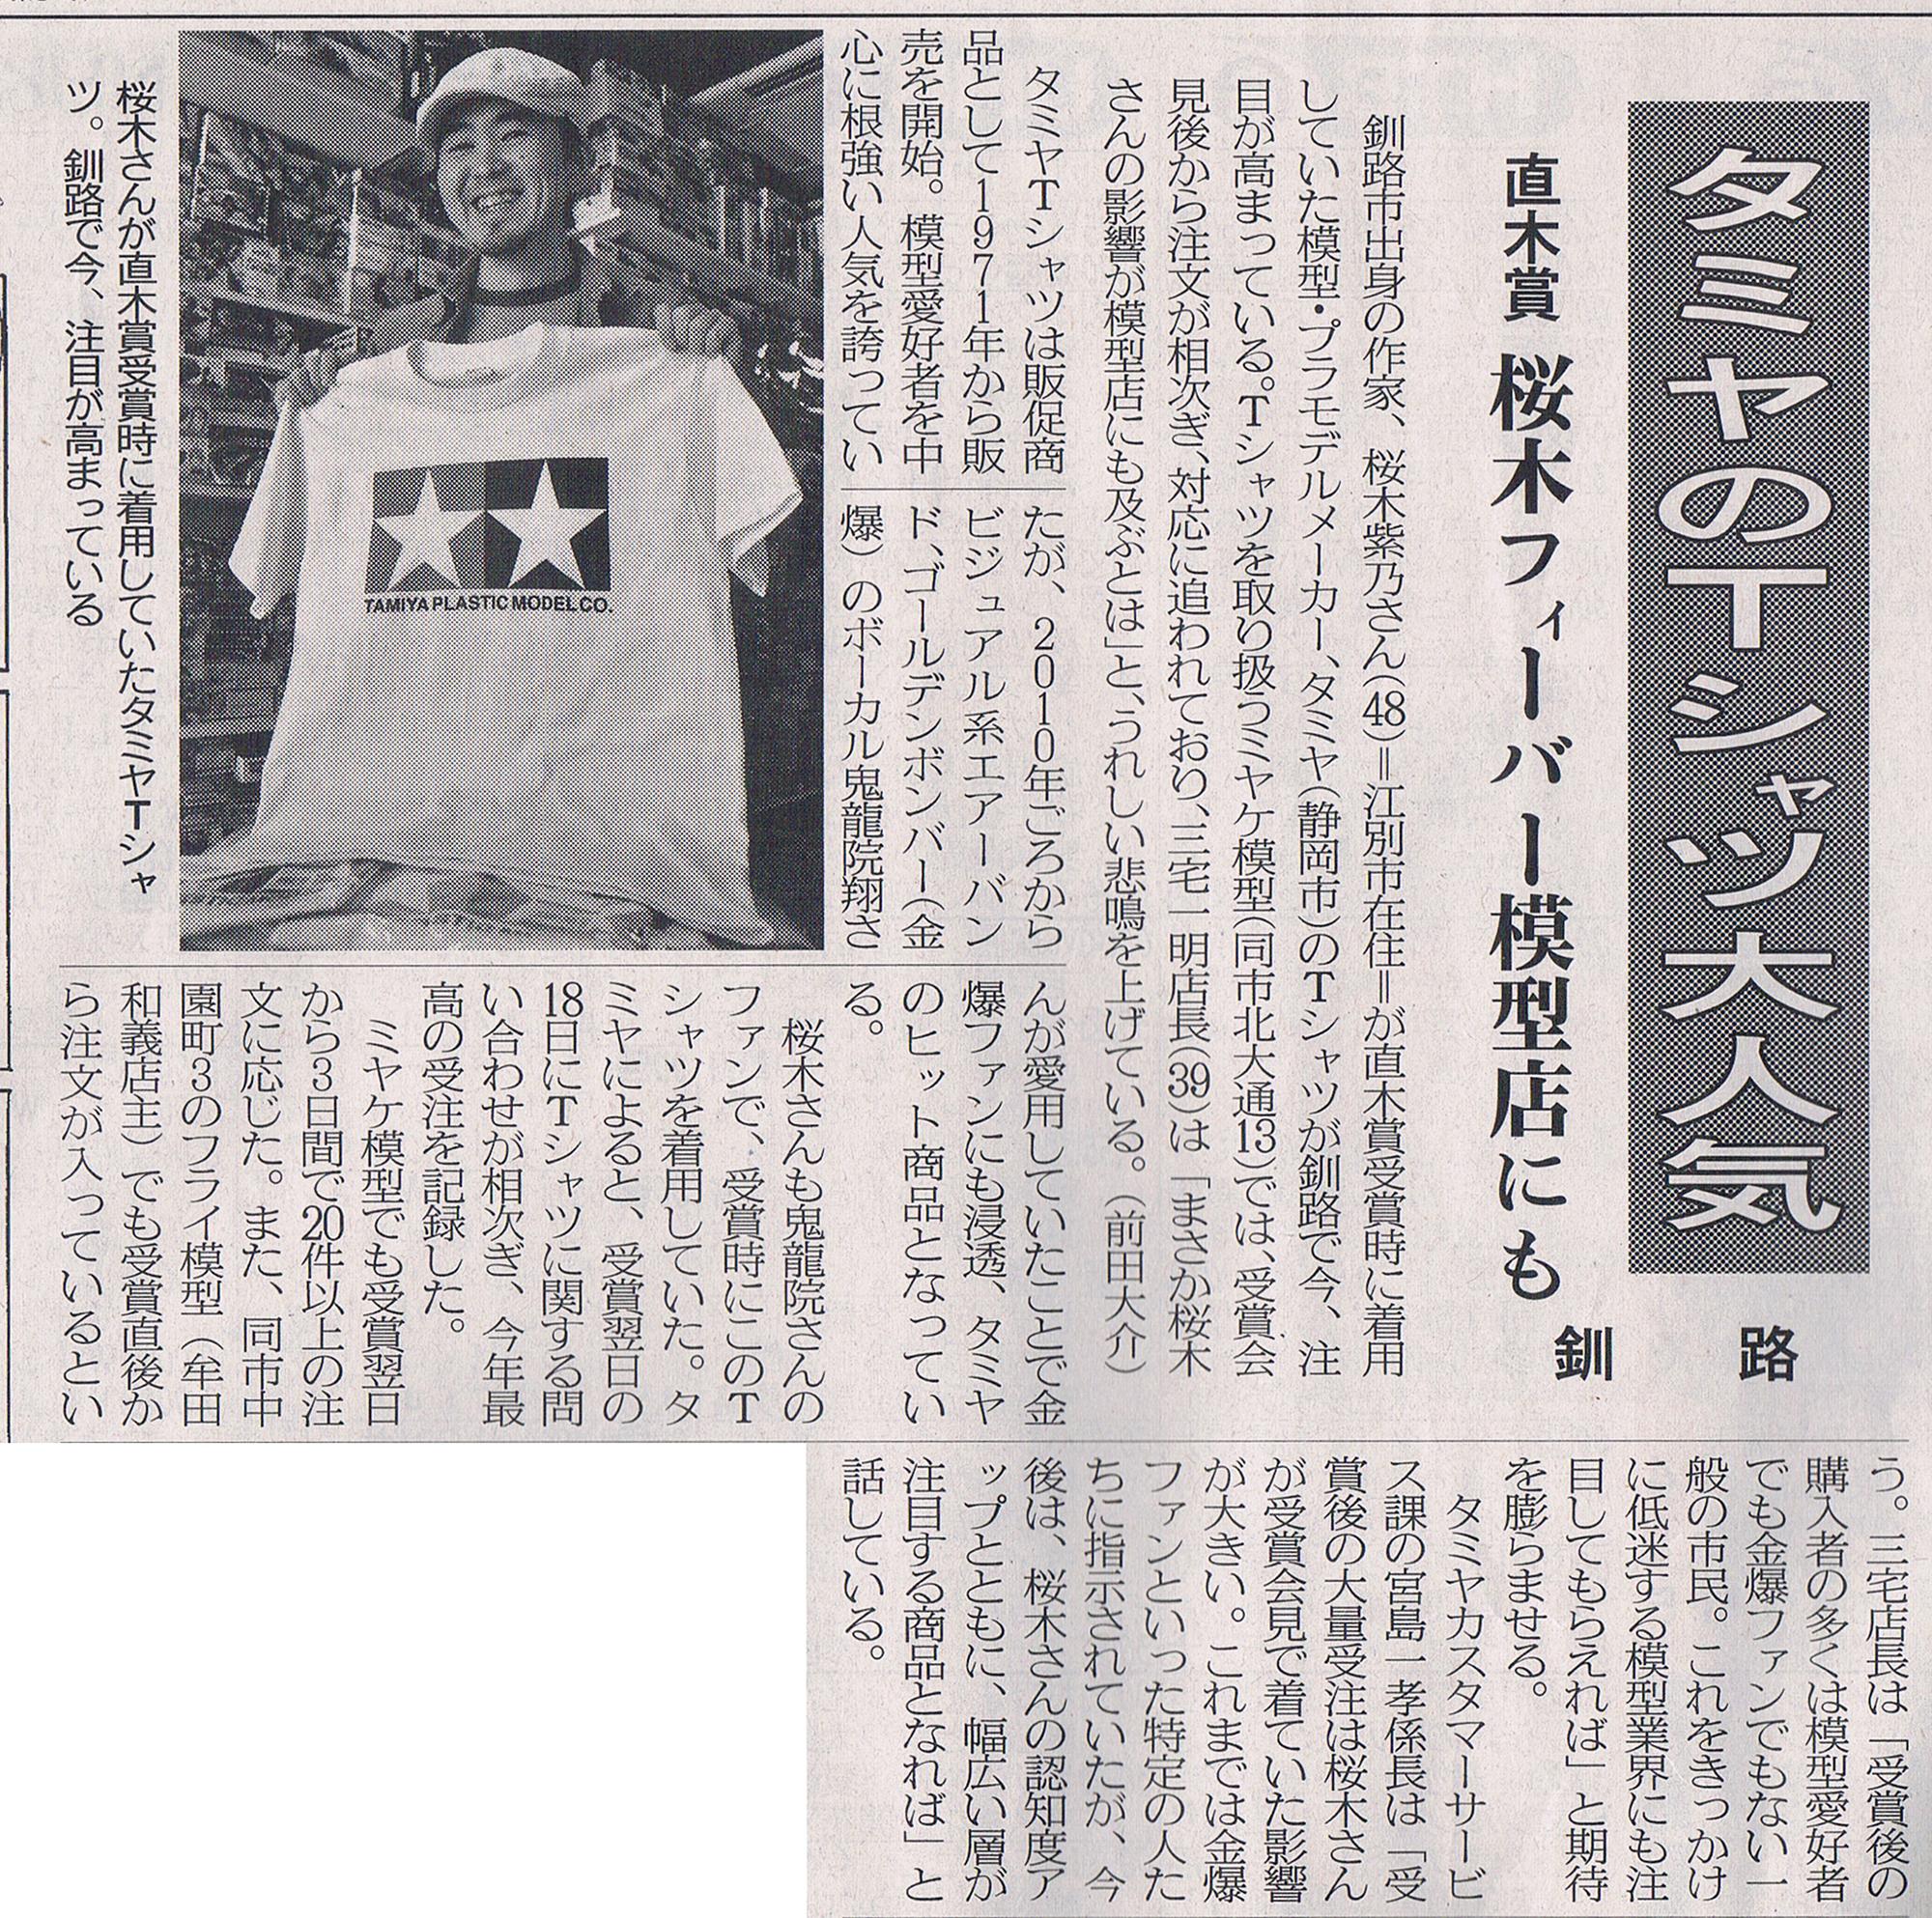 2013-7-21釧路新聞